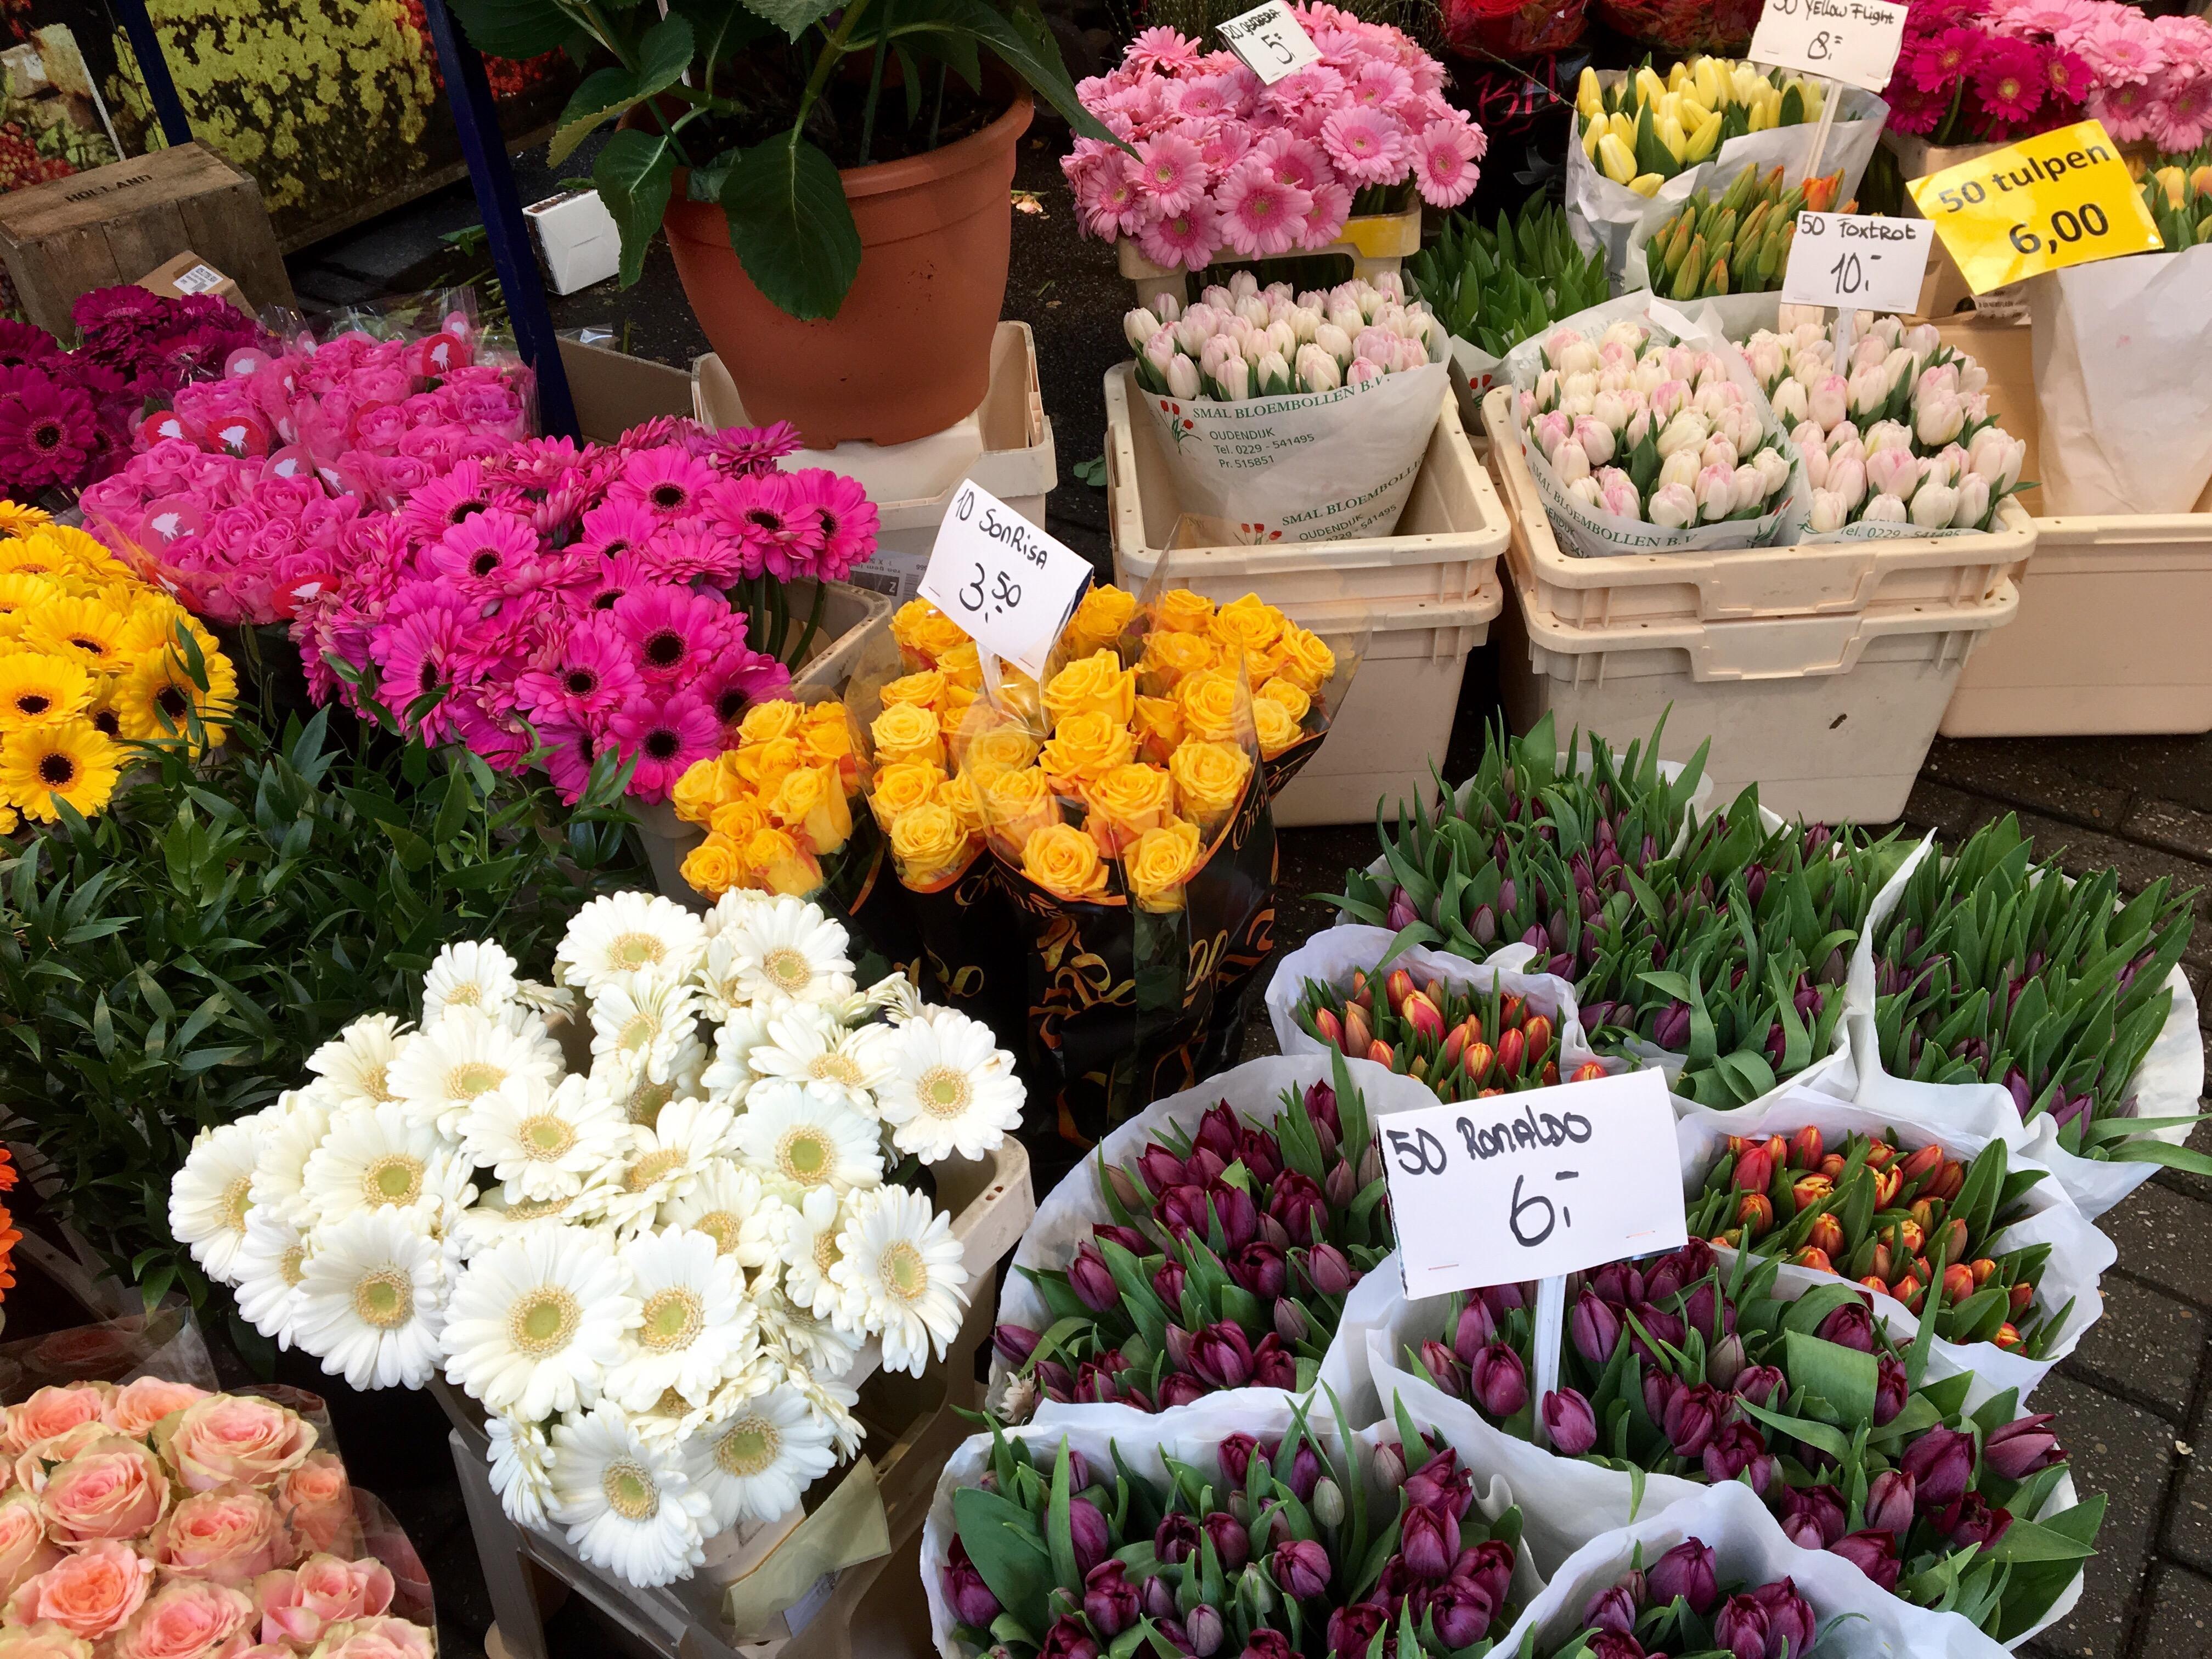 アムステルダム最大のフラワーマーケット「シンゲルの花市場」